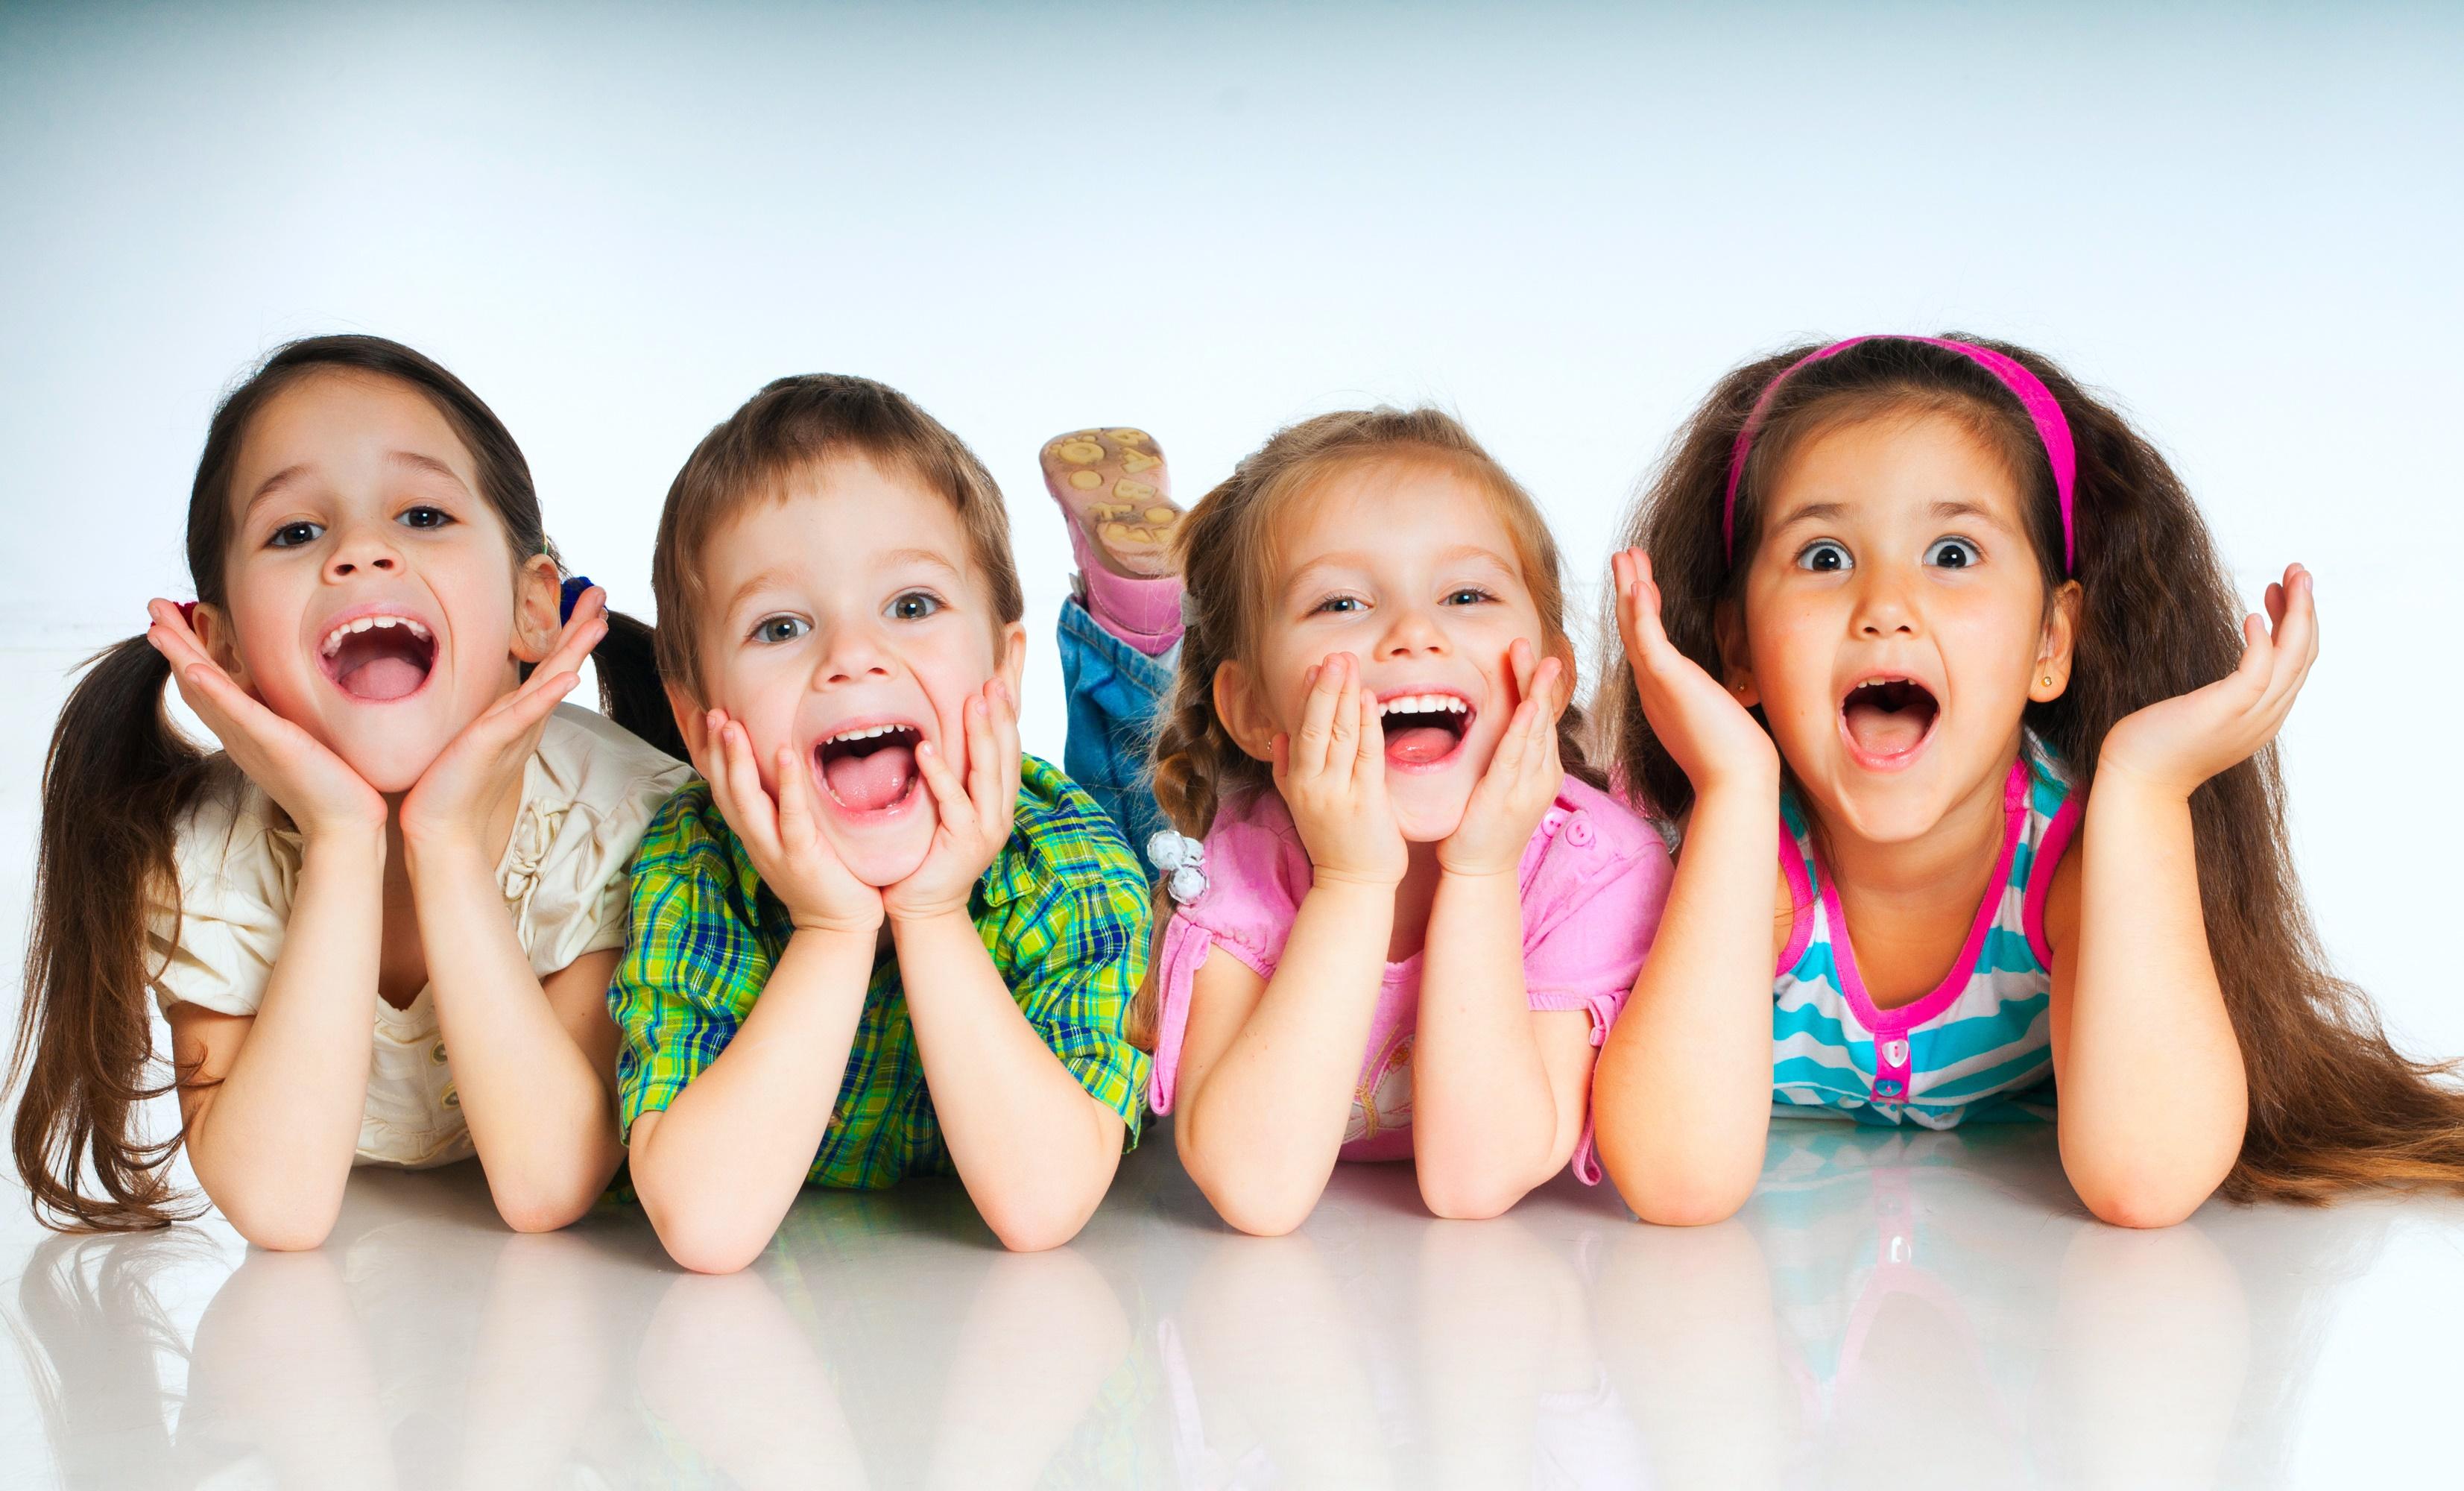 Развлечения с мальчиками 7 фотография